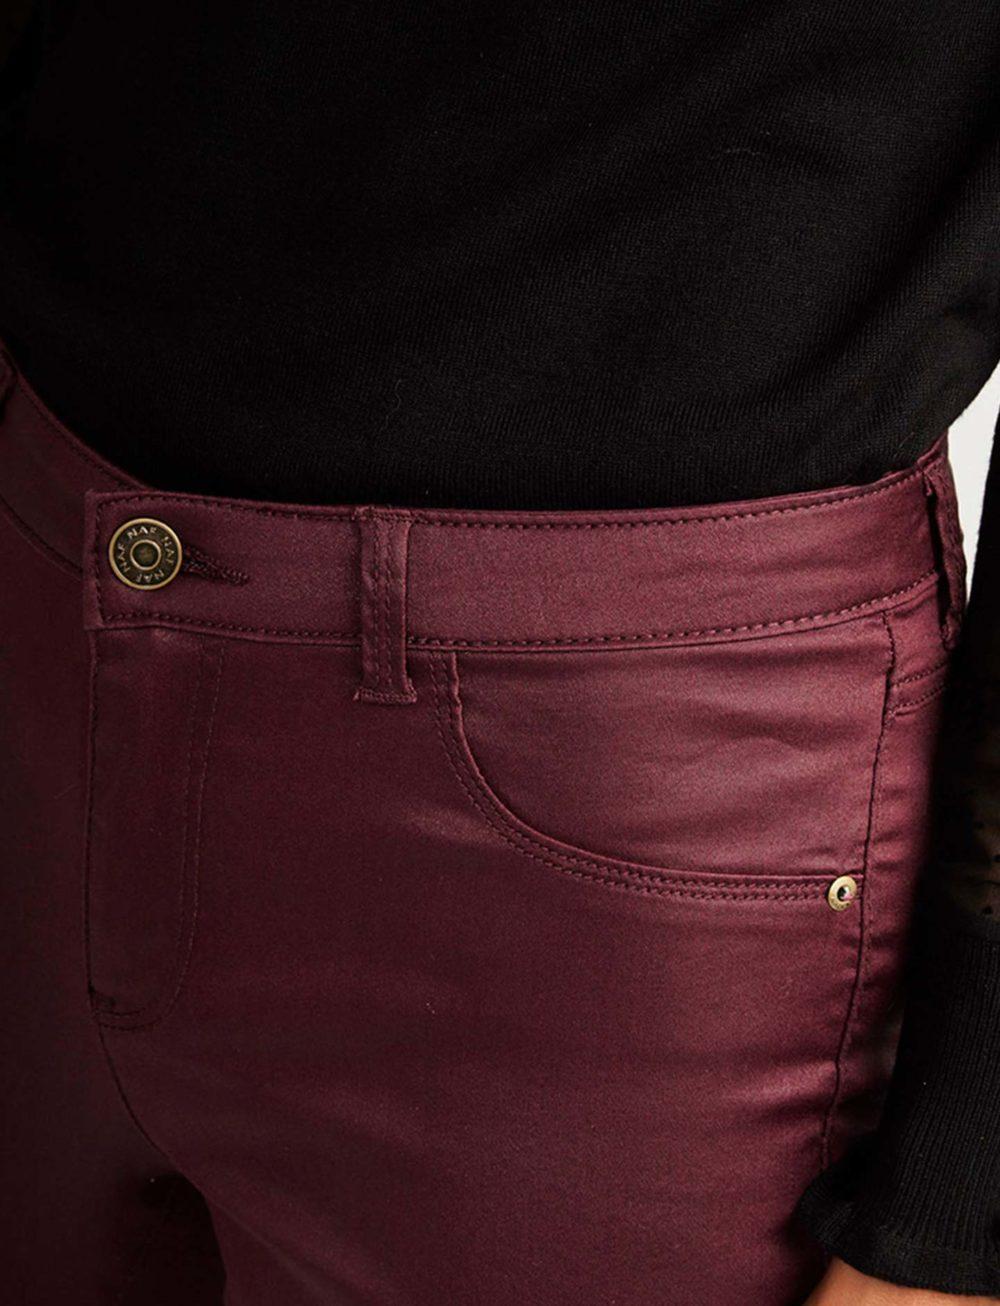 pantalon-skinny-bourgogne-detalle-boton